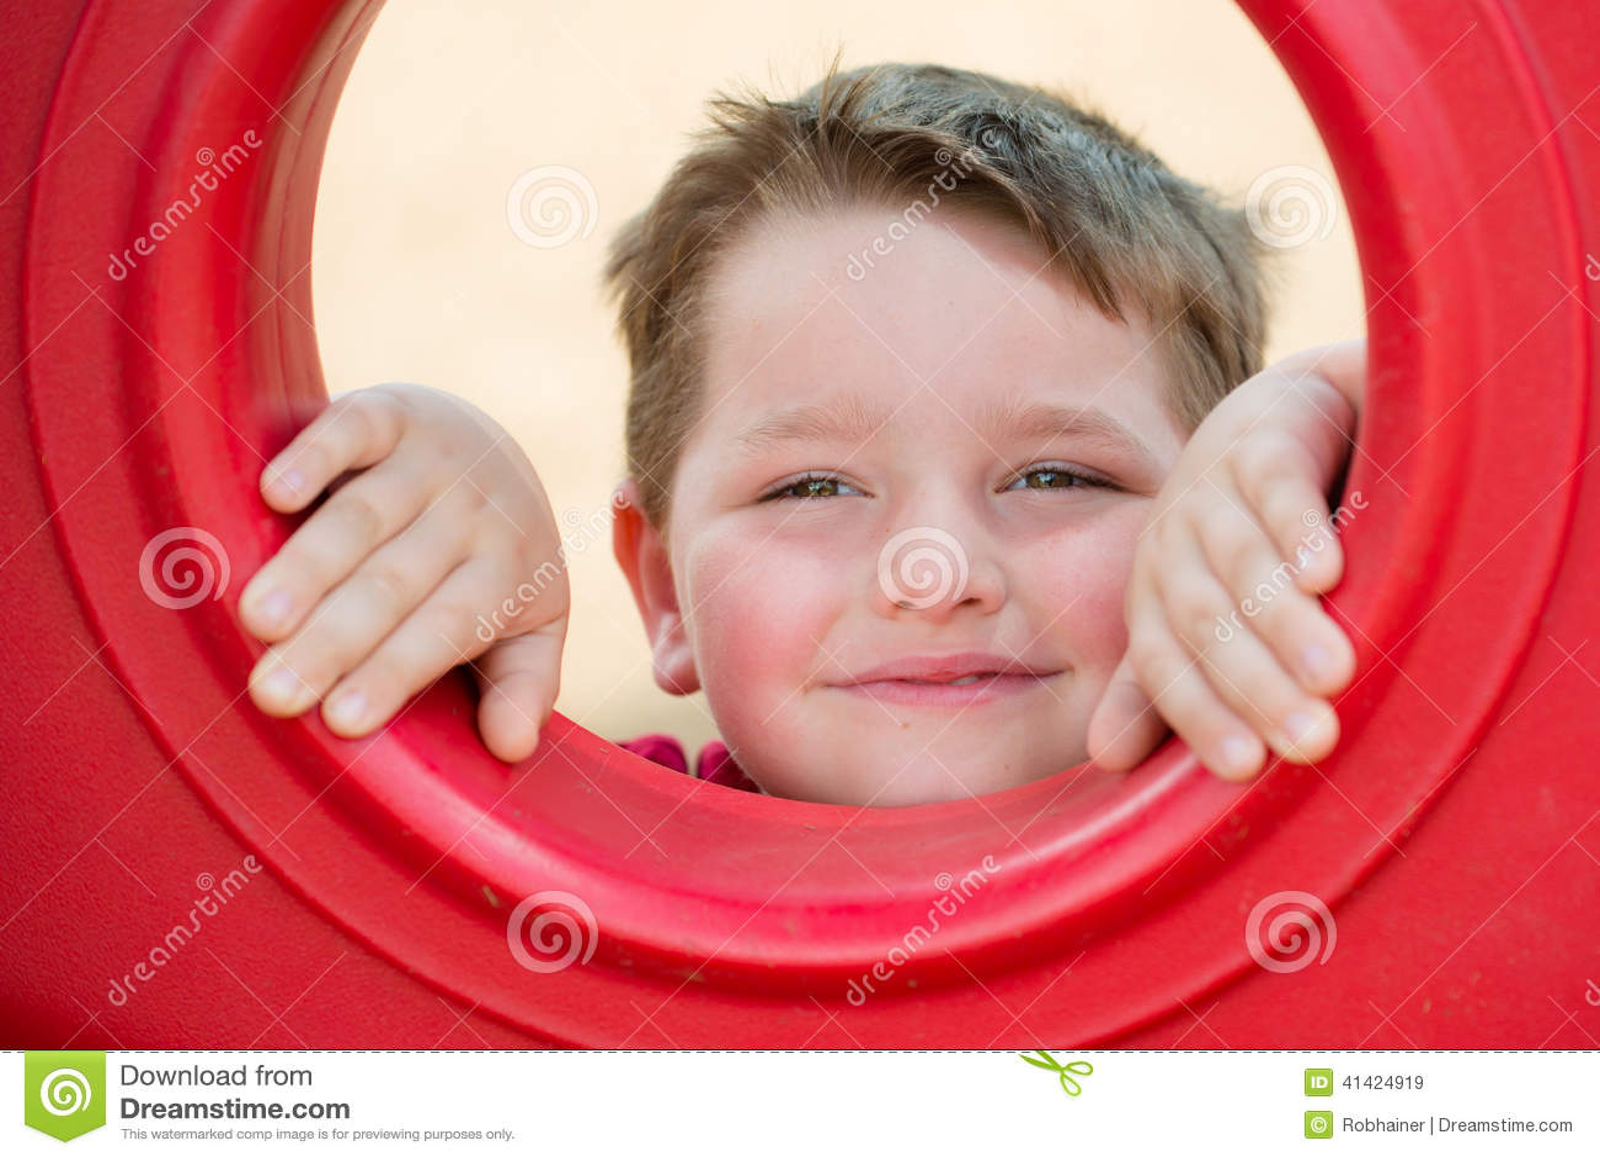 Портрет маленького ребенка на спортивной площадке